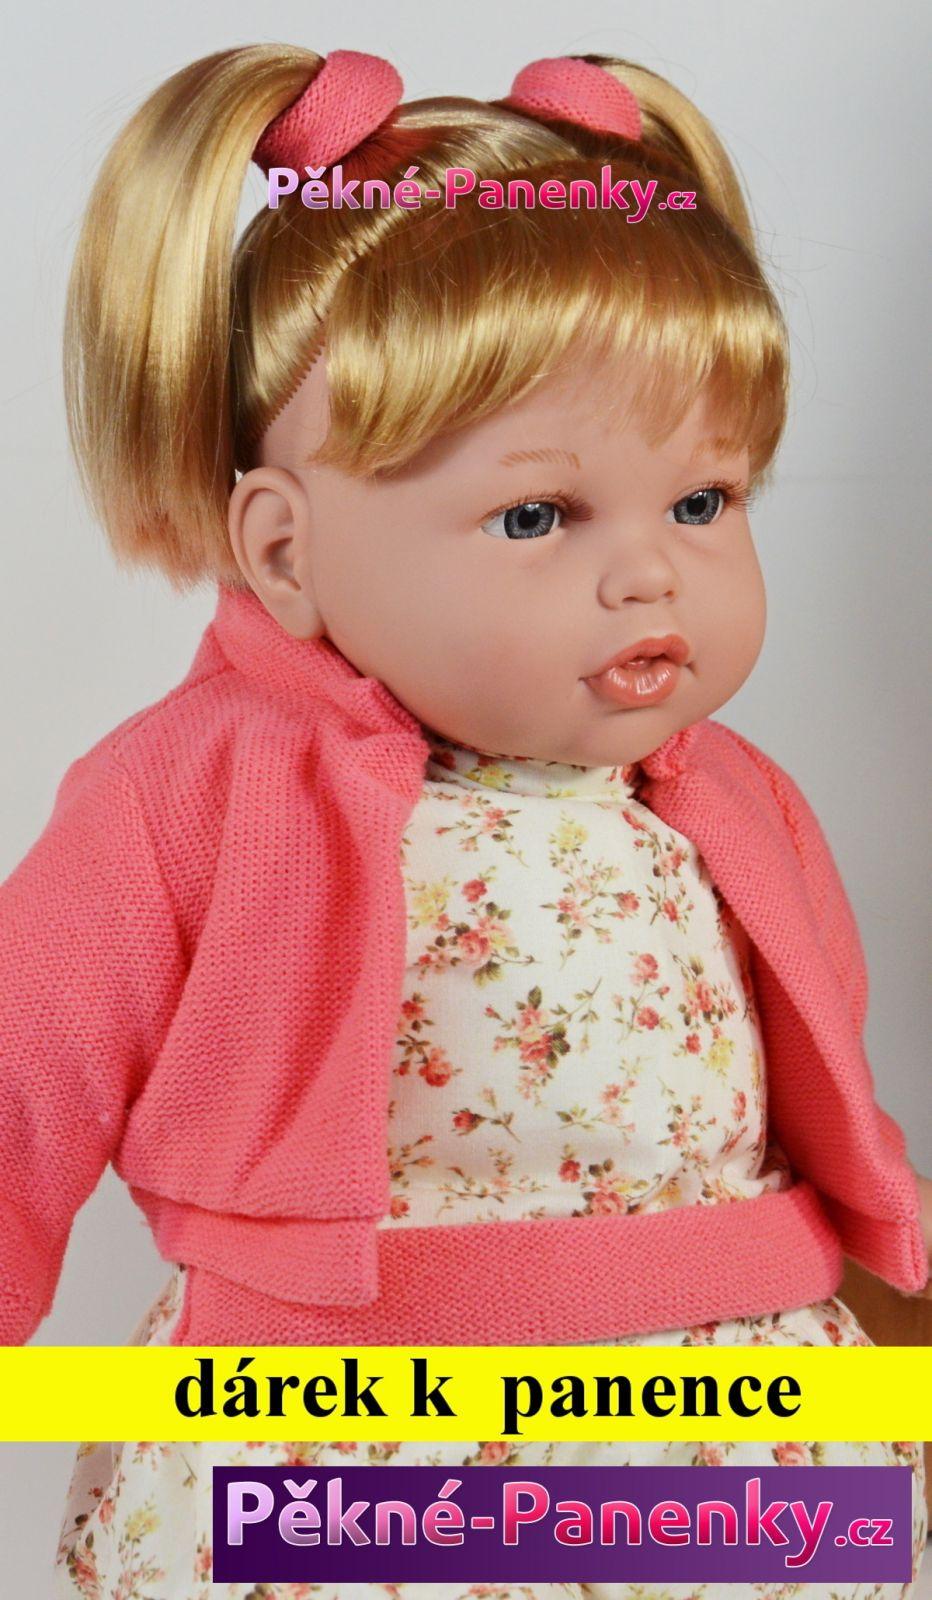 originalní španělské panenky pro děti velká, realistická, mluvící, česací panenka, která vypadá jako živá, kvalitní španělské panenky Arias mluvící panenky ze Španělska pro děti